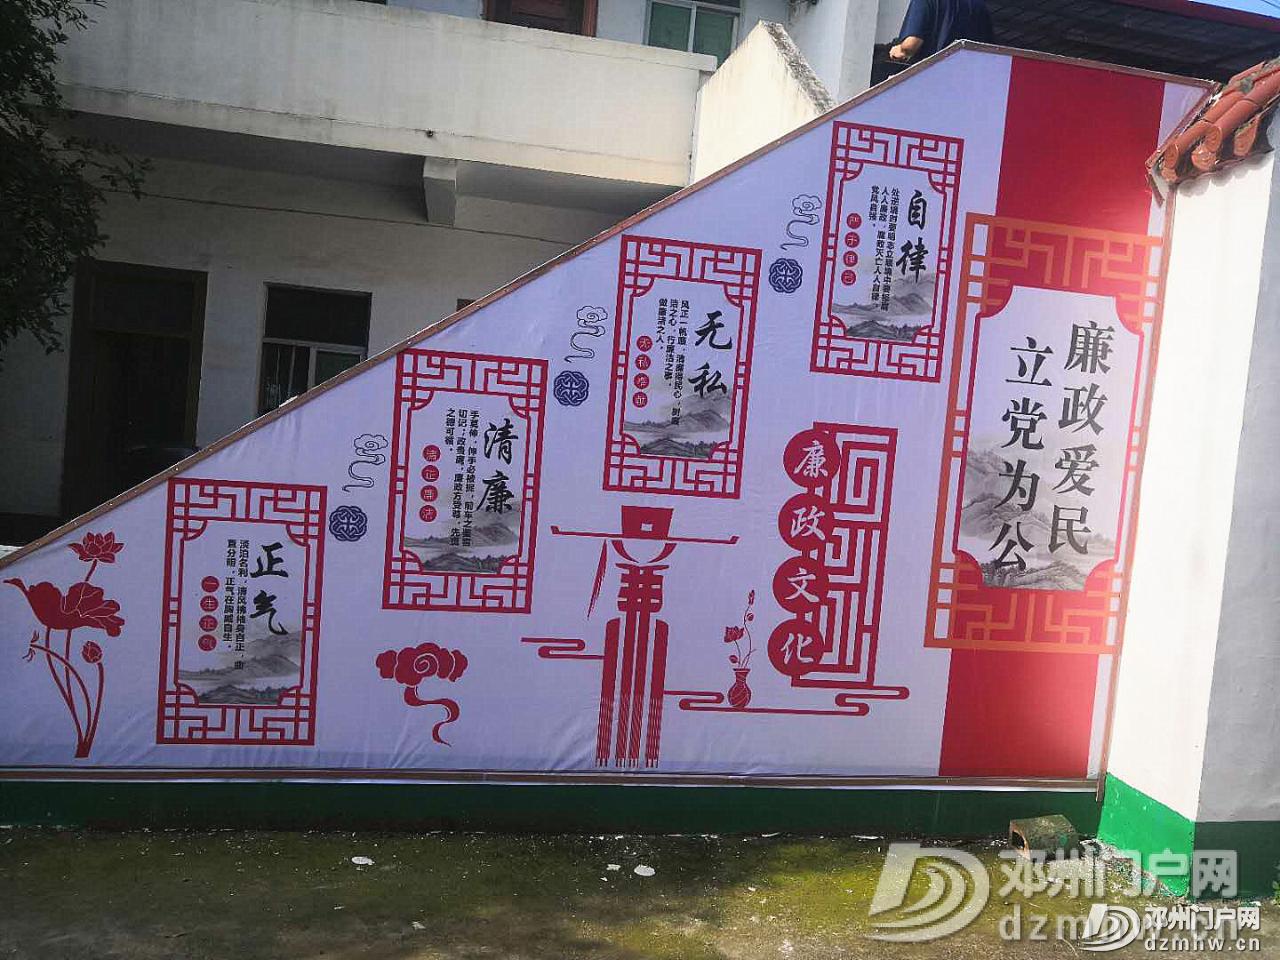 邓州市文渠镇:推进廉政文化建设 营造风清气正氛围 - 邓州门户网|邓州网 - 61181f7e5d1b92fec9ae3d50095e5488.png